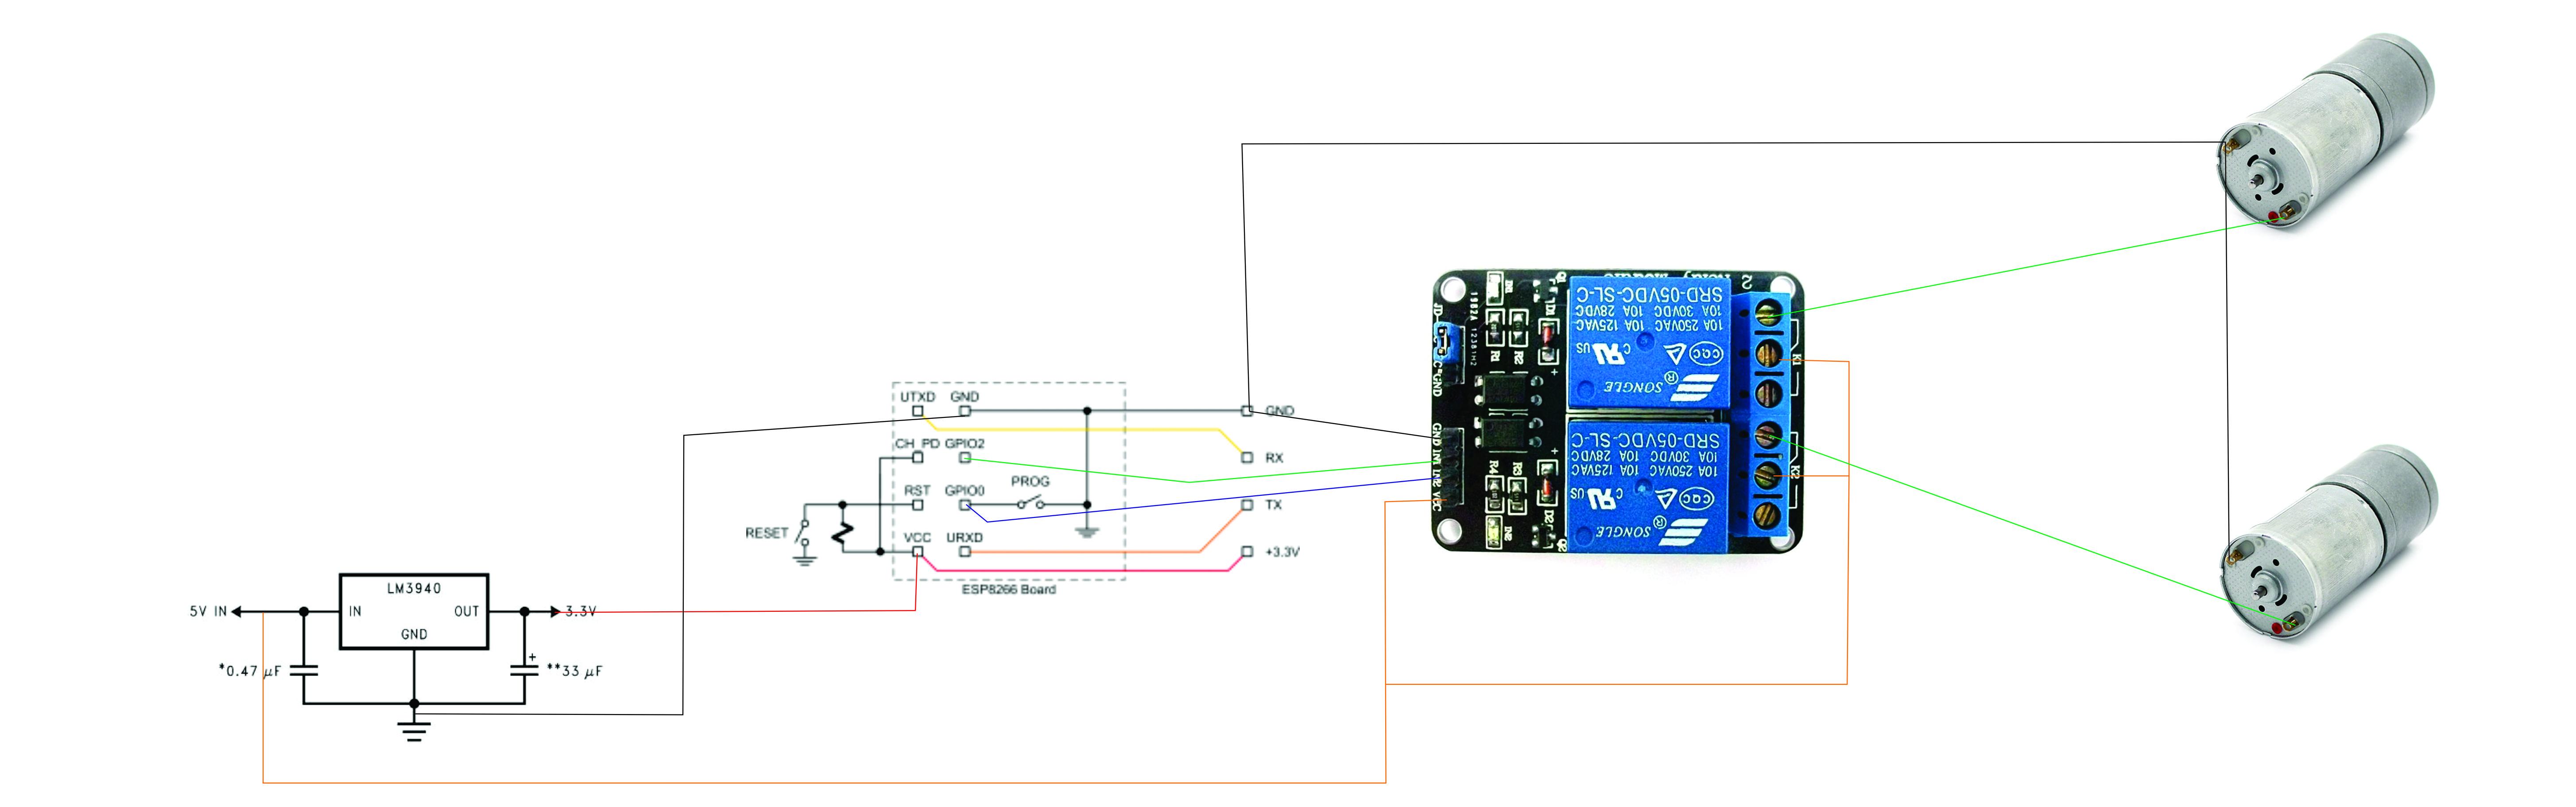 Circuito Wifi : Iot robot básico controlado por wifi iot basic robot